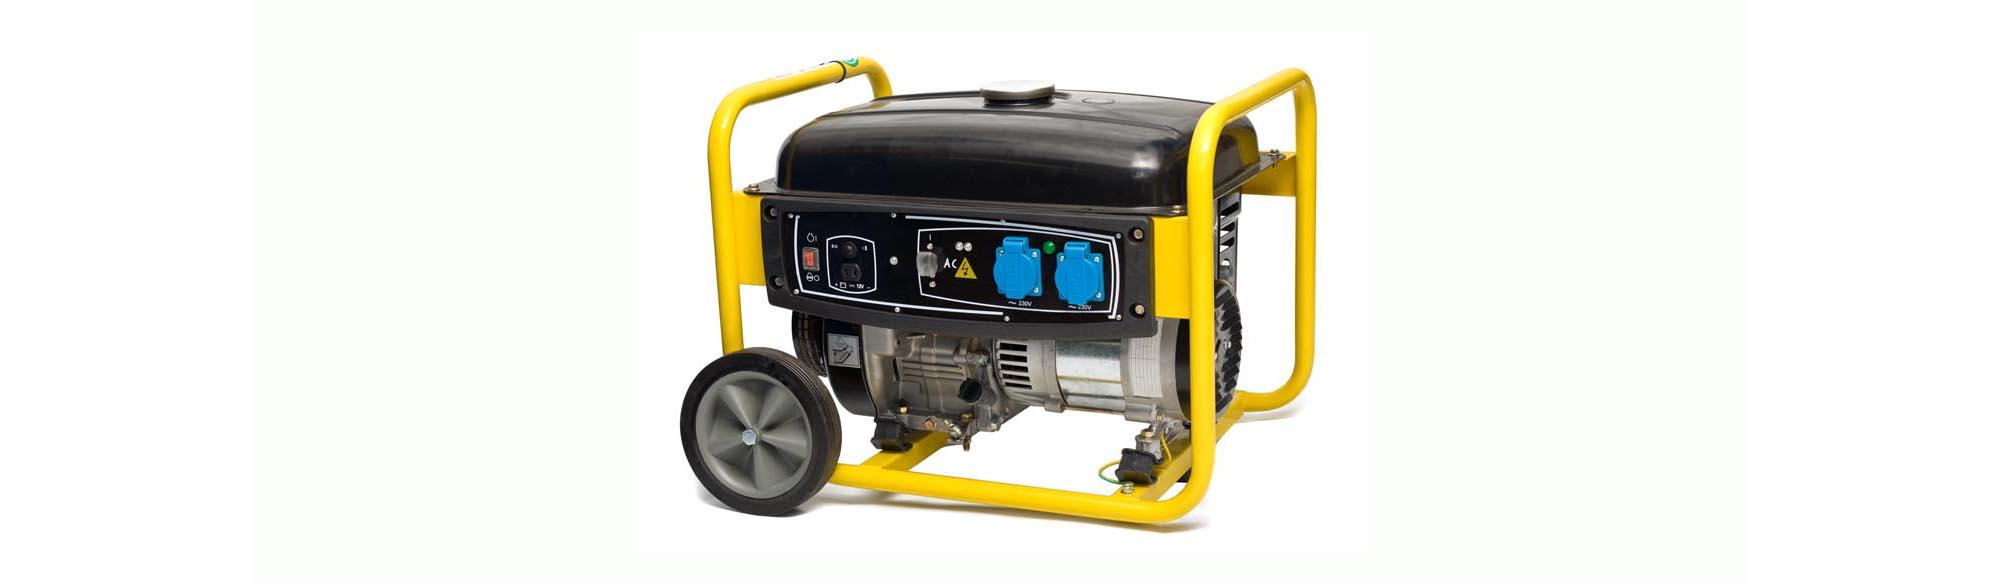 generators | Armbrust Plumbing Inc